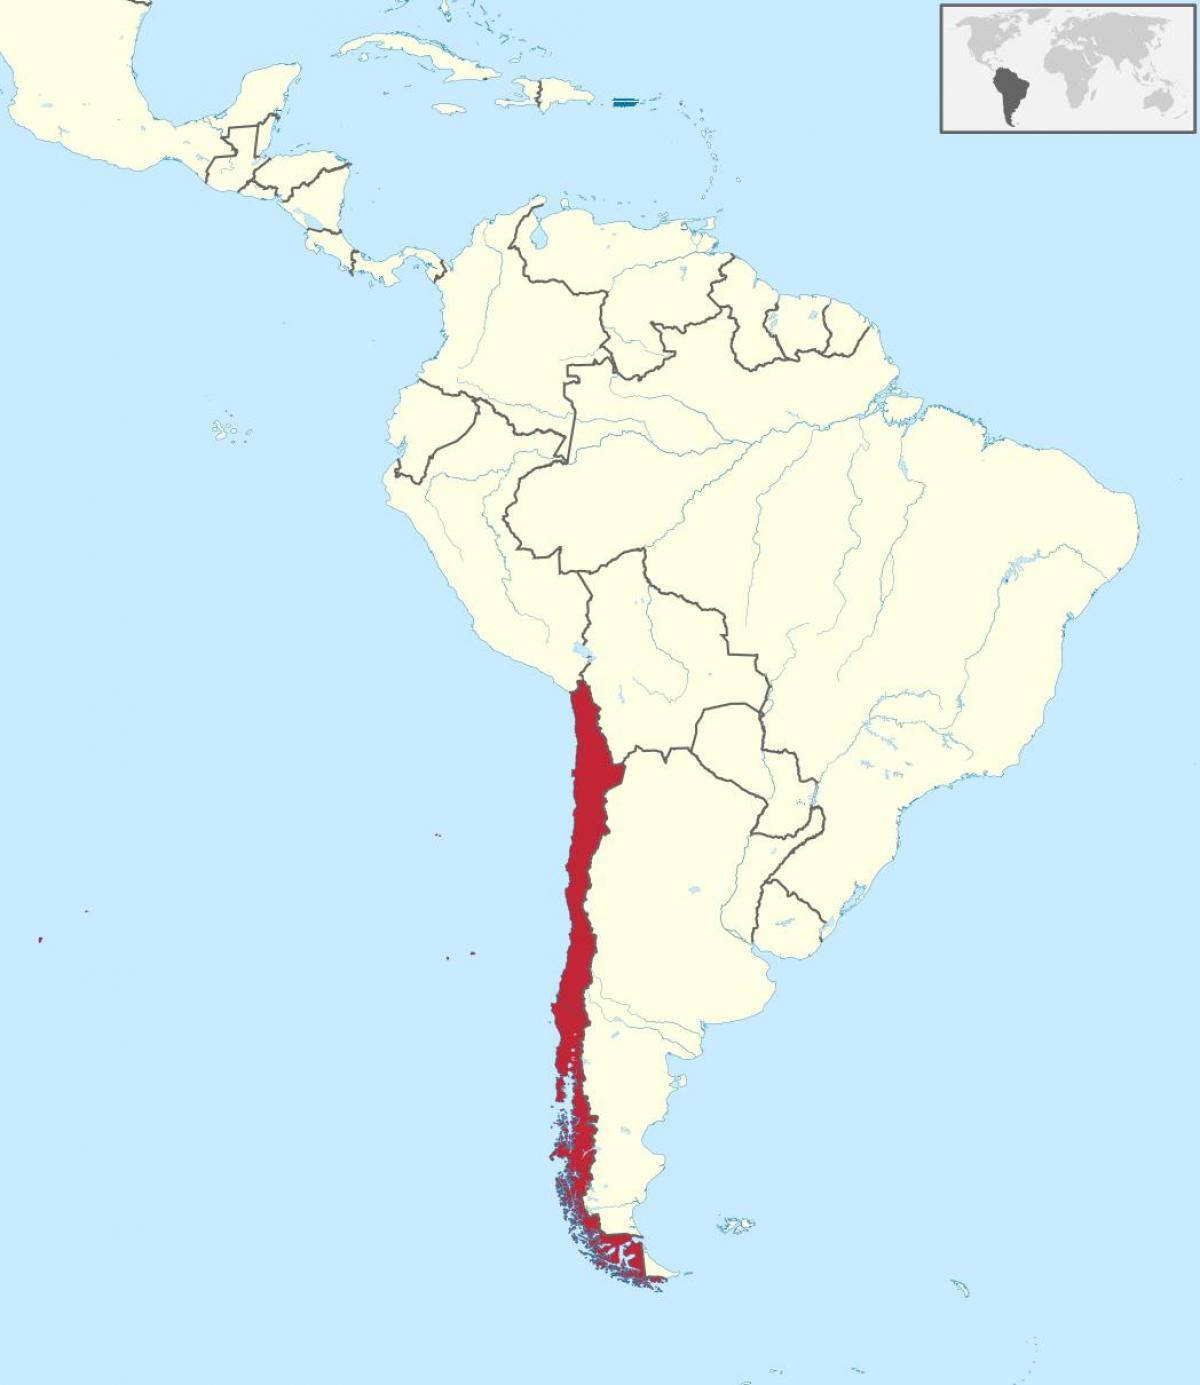 Chile On Etela Amerikan Kartta Chile On Etela Amerikan Kartta